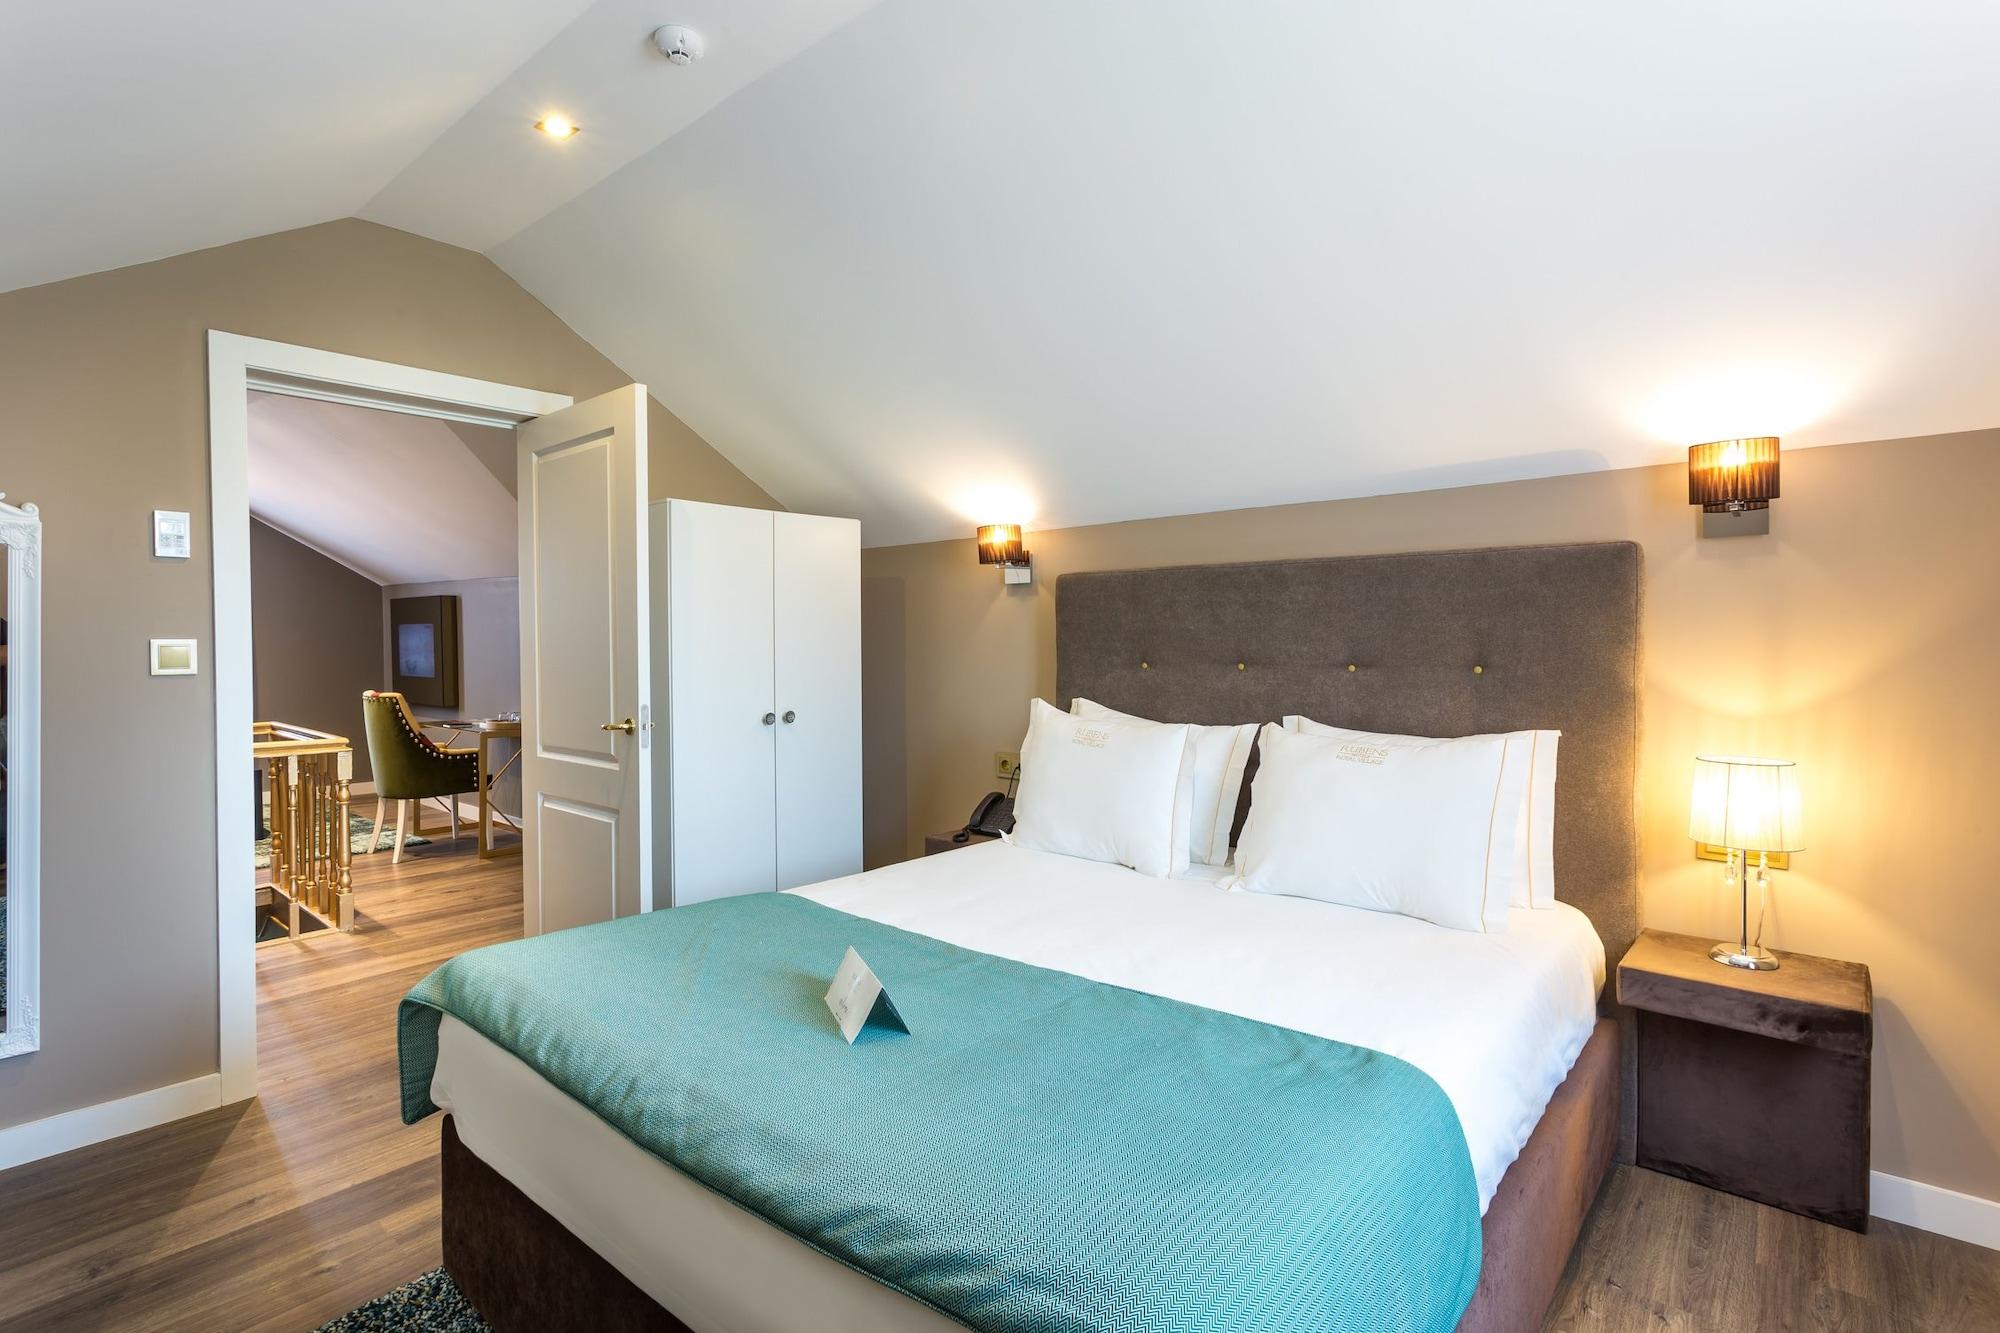 Rubens Hotel Royal Village - Gaia Porto, Vila Nova de Gaia